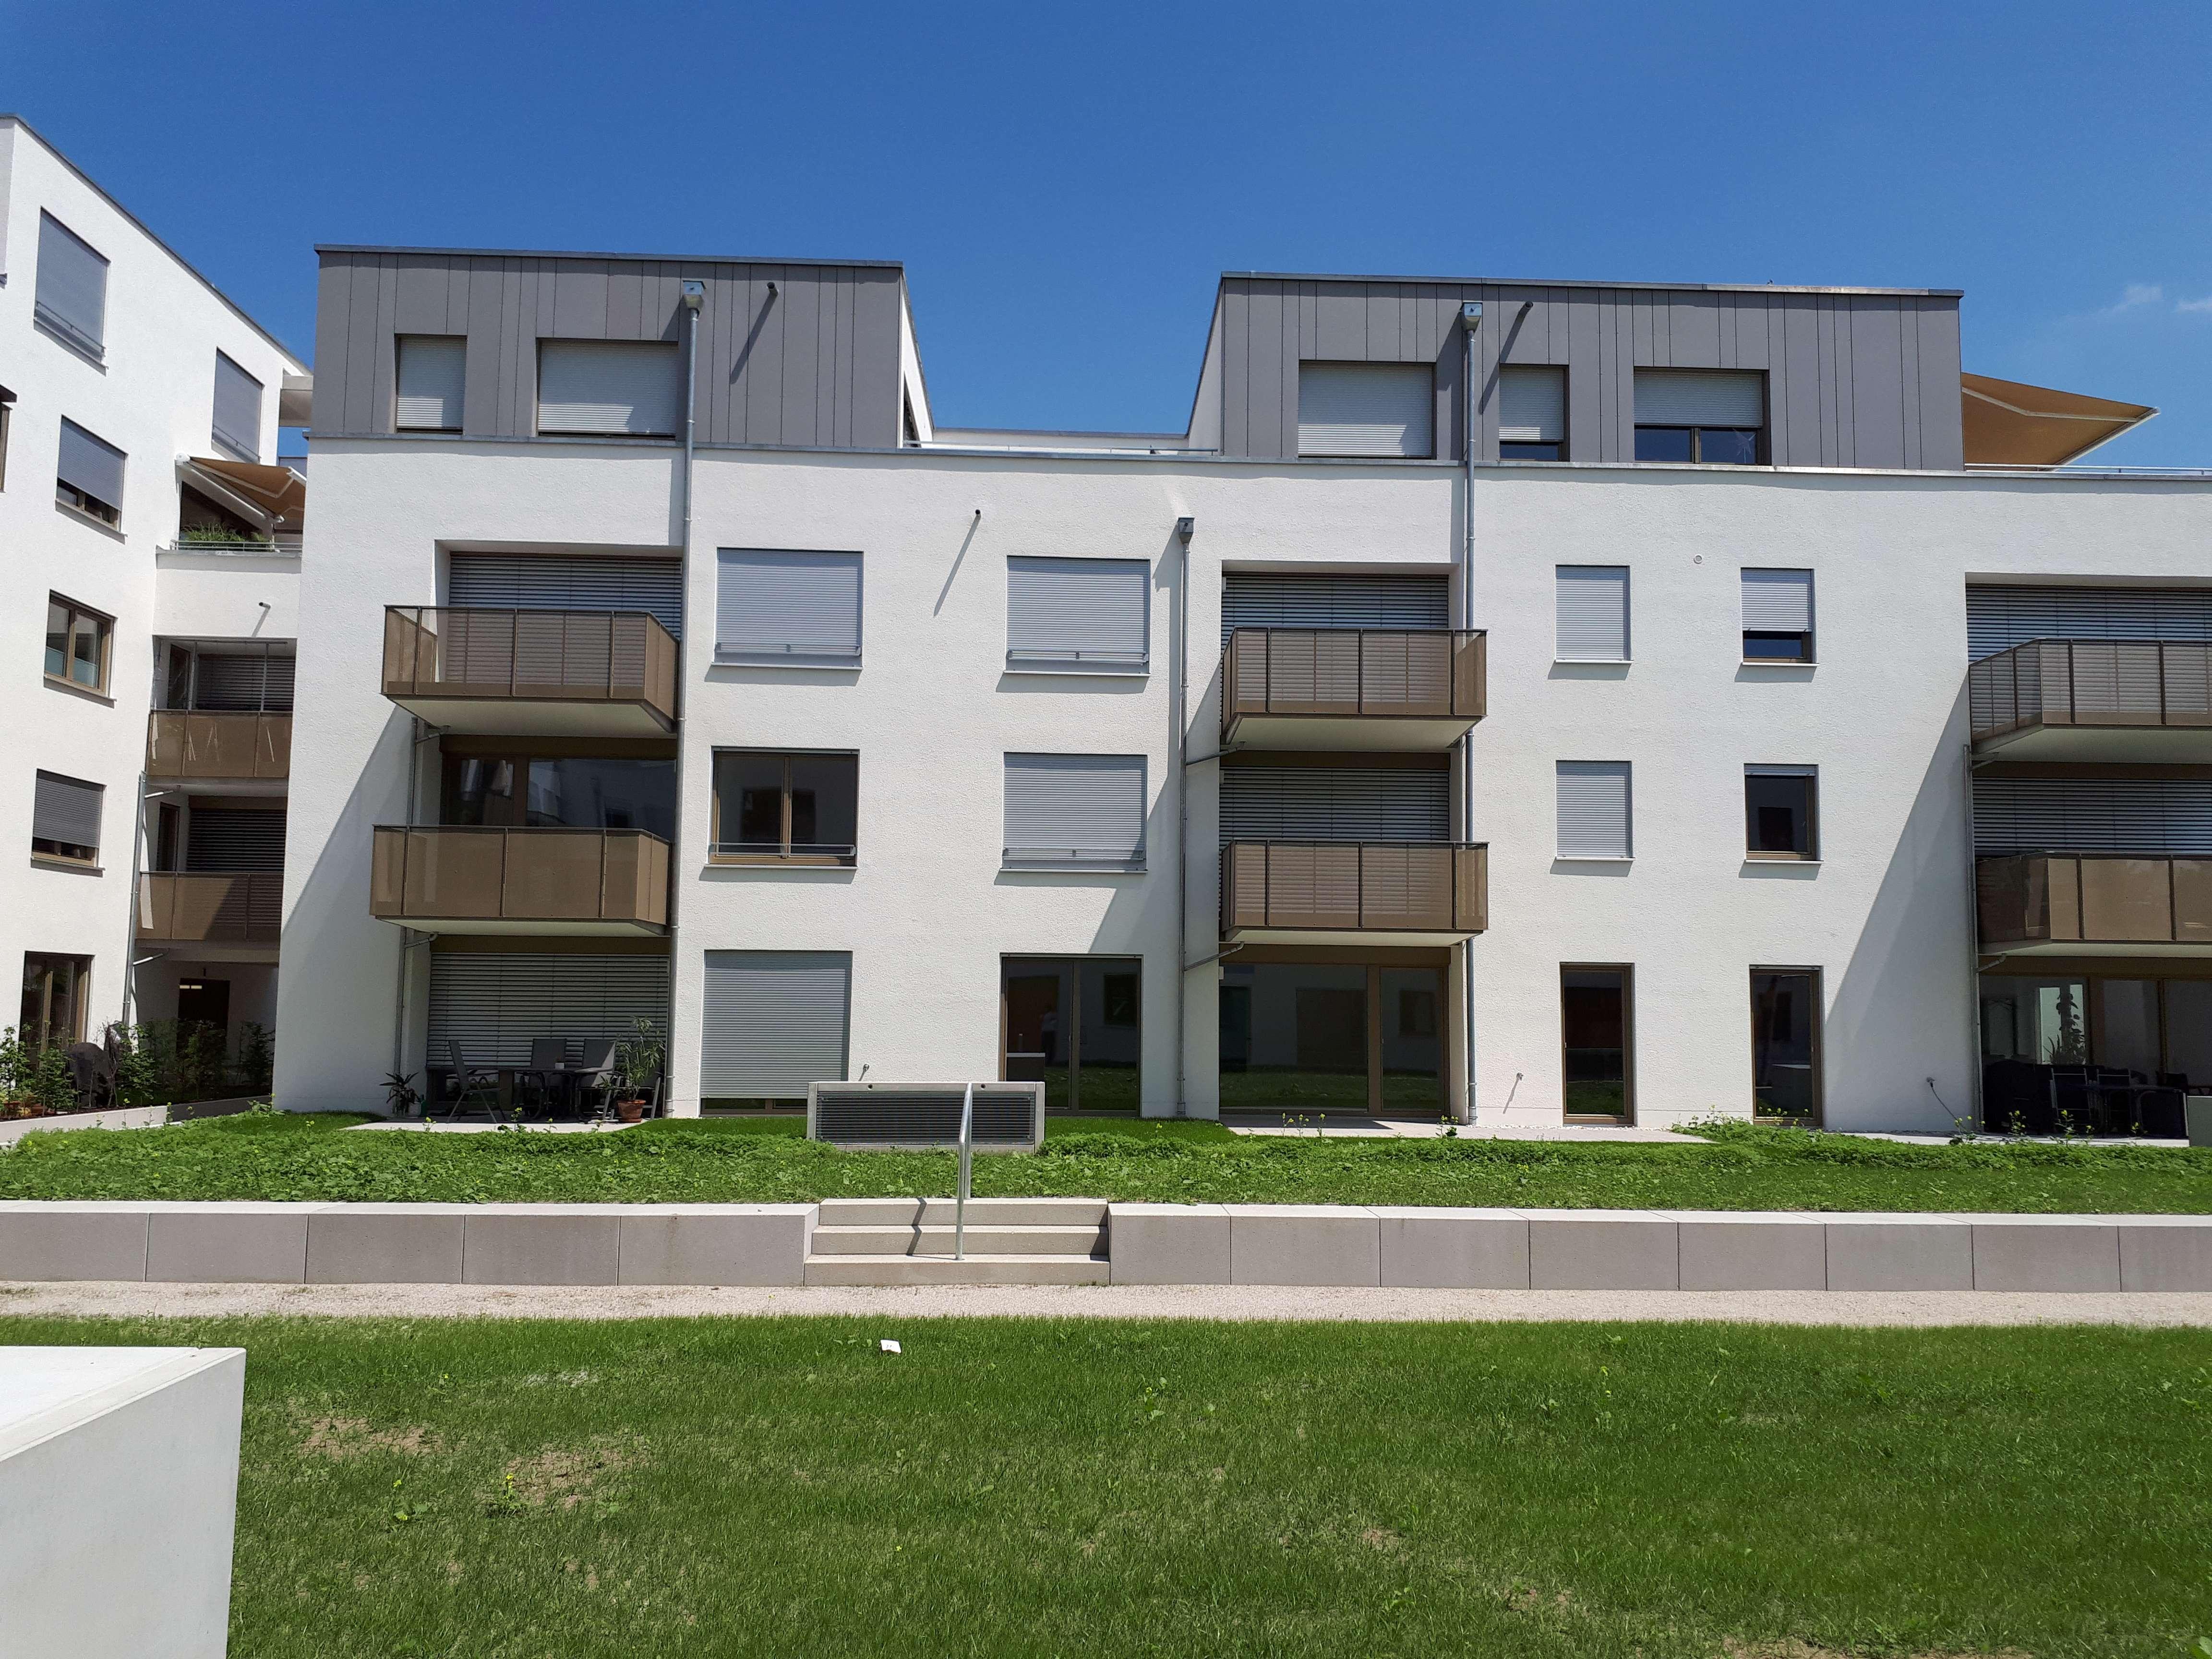 Ausgang ins Grüne - Neubau 2-Zi-Wohnung - Mit Einbauküche und großer Terrasse/Freifläche